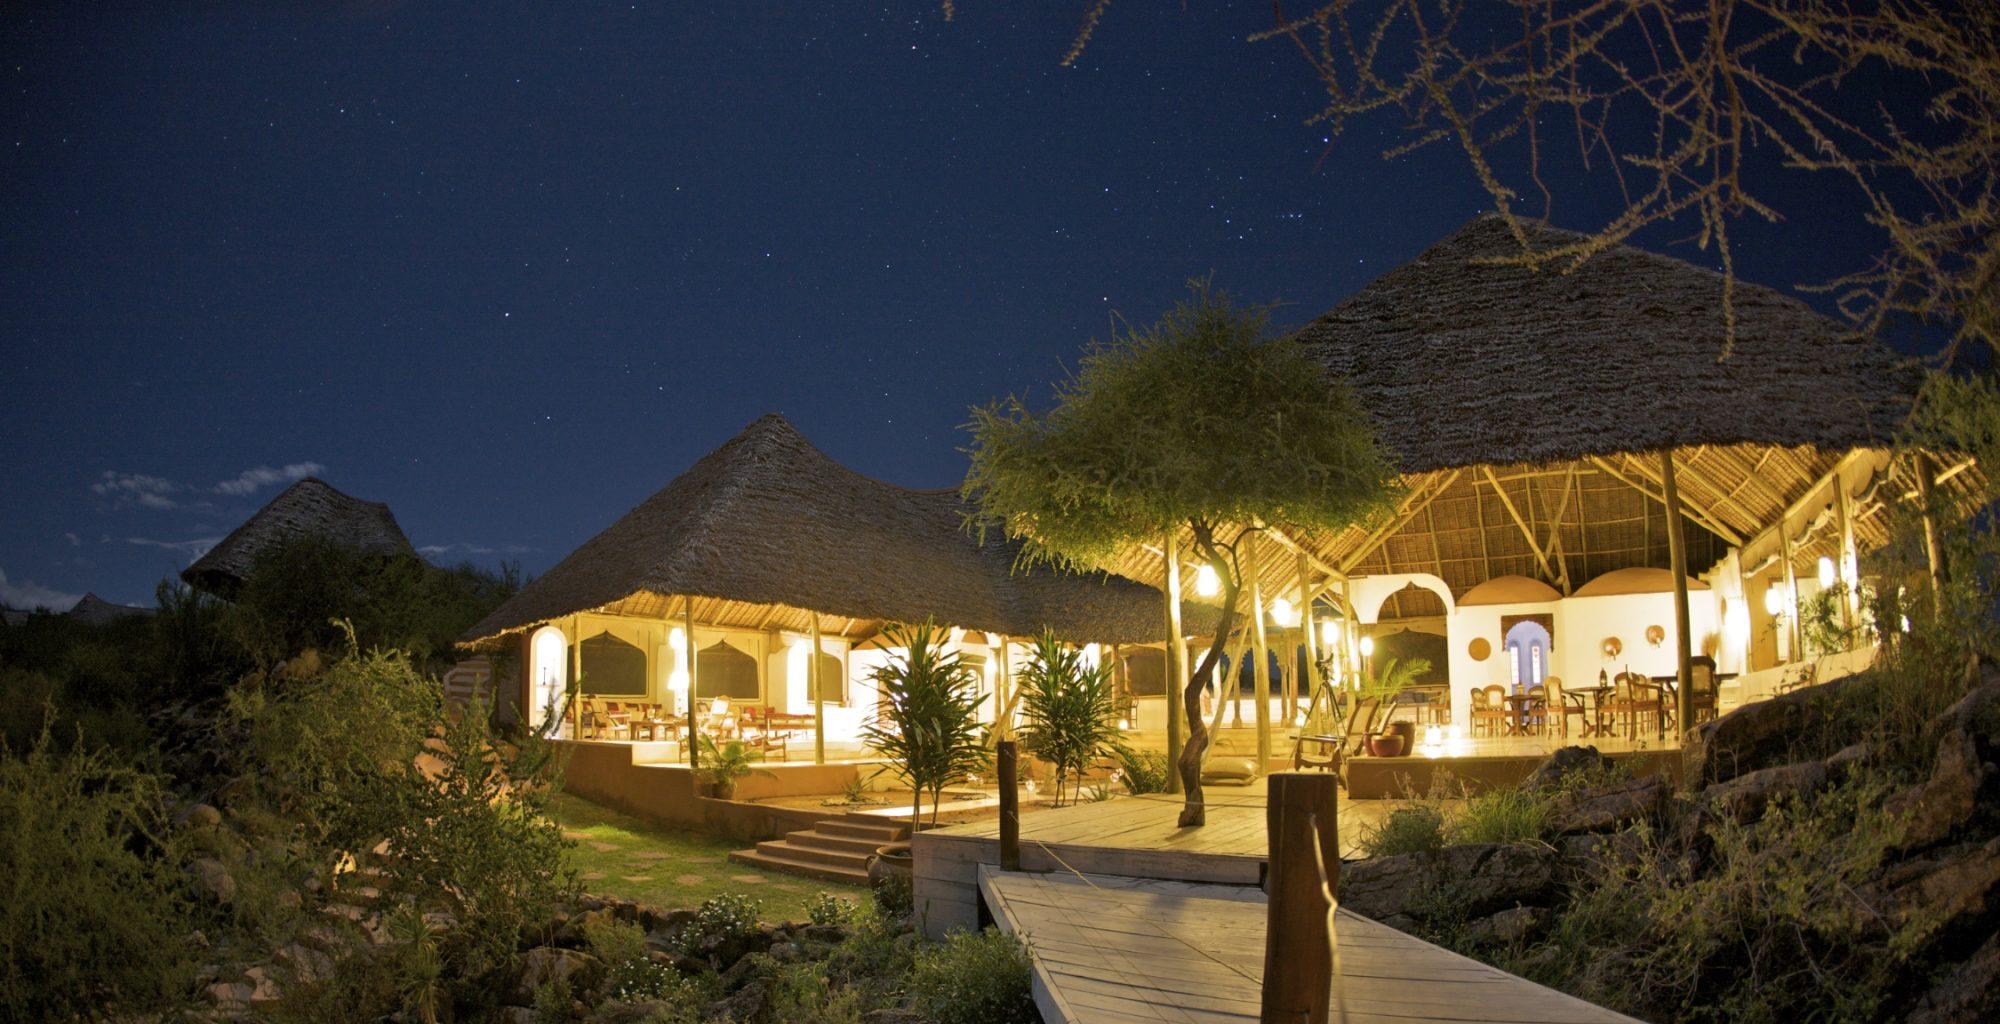 Sasaab Kenya Exterior Night